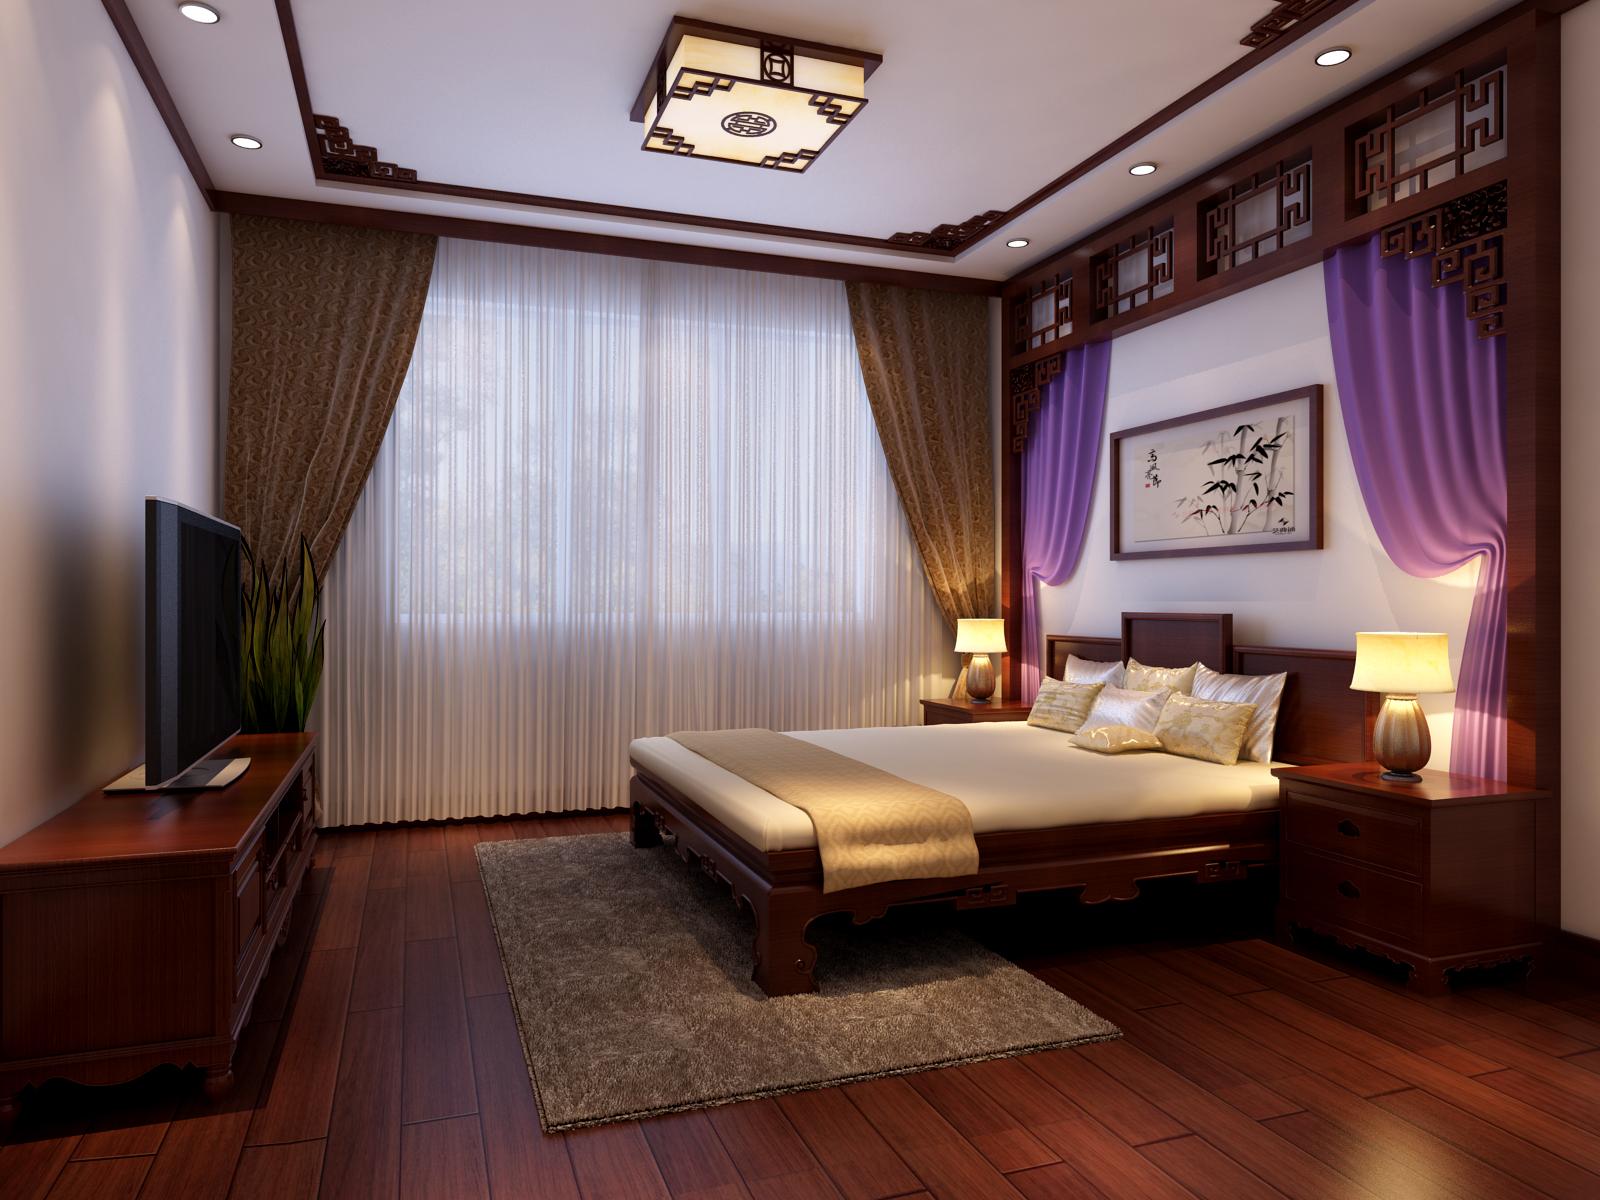 中式 三居 卧室图片来自实创装饰上海公司在三居室新中式风格装修设计的分享